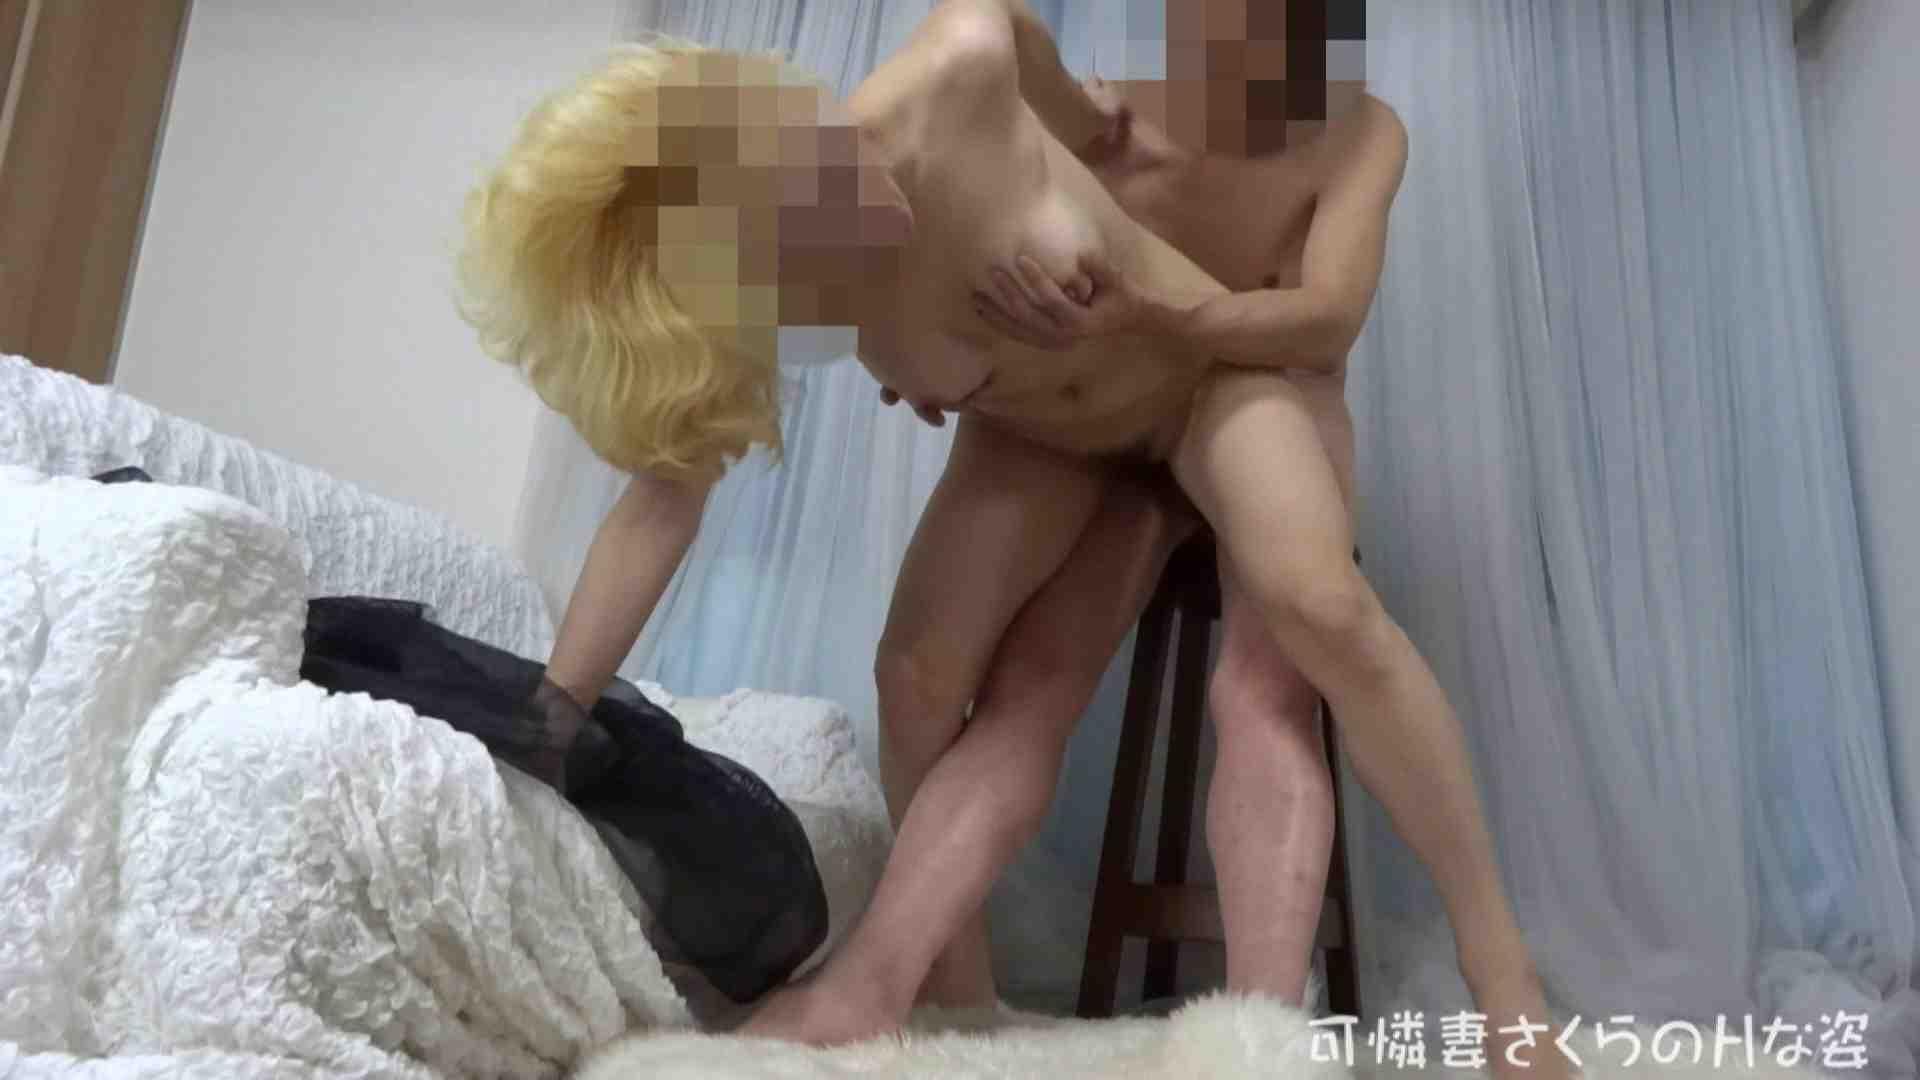 可憐妻さくらのHな姿vol.29 オマンコ   電マ  51pic 43